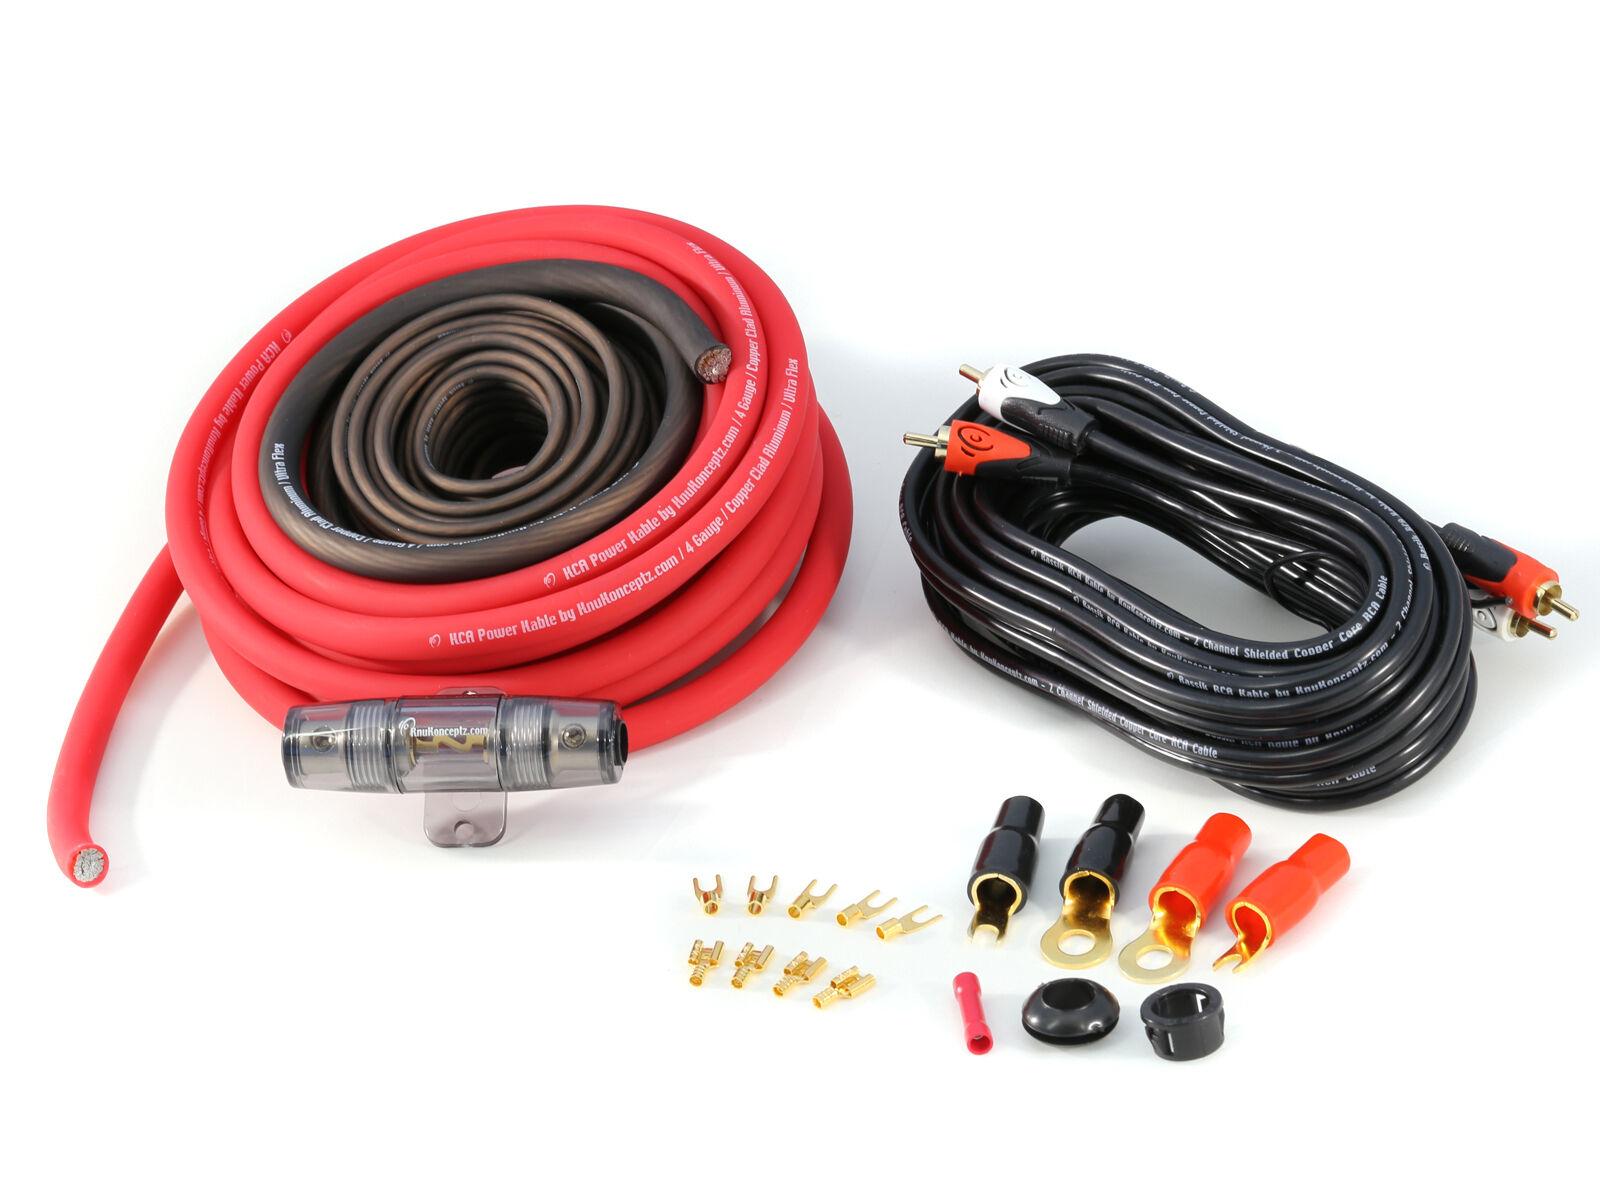 KnuKonceptz KCA TRUE 8 Gauge Amp Kit Installation Wiring